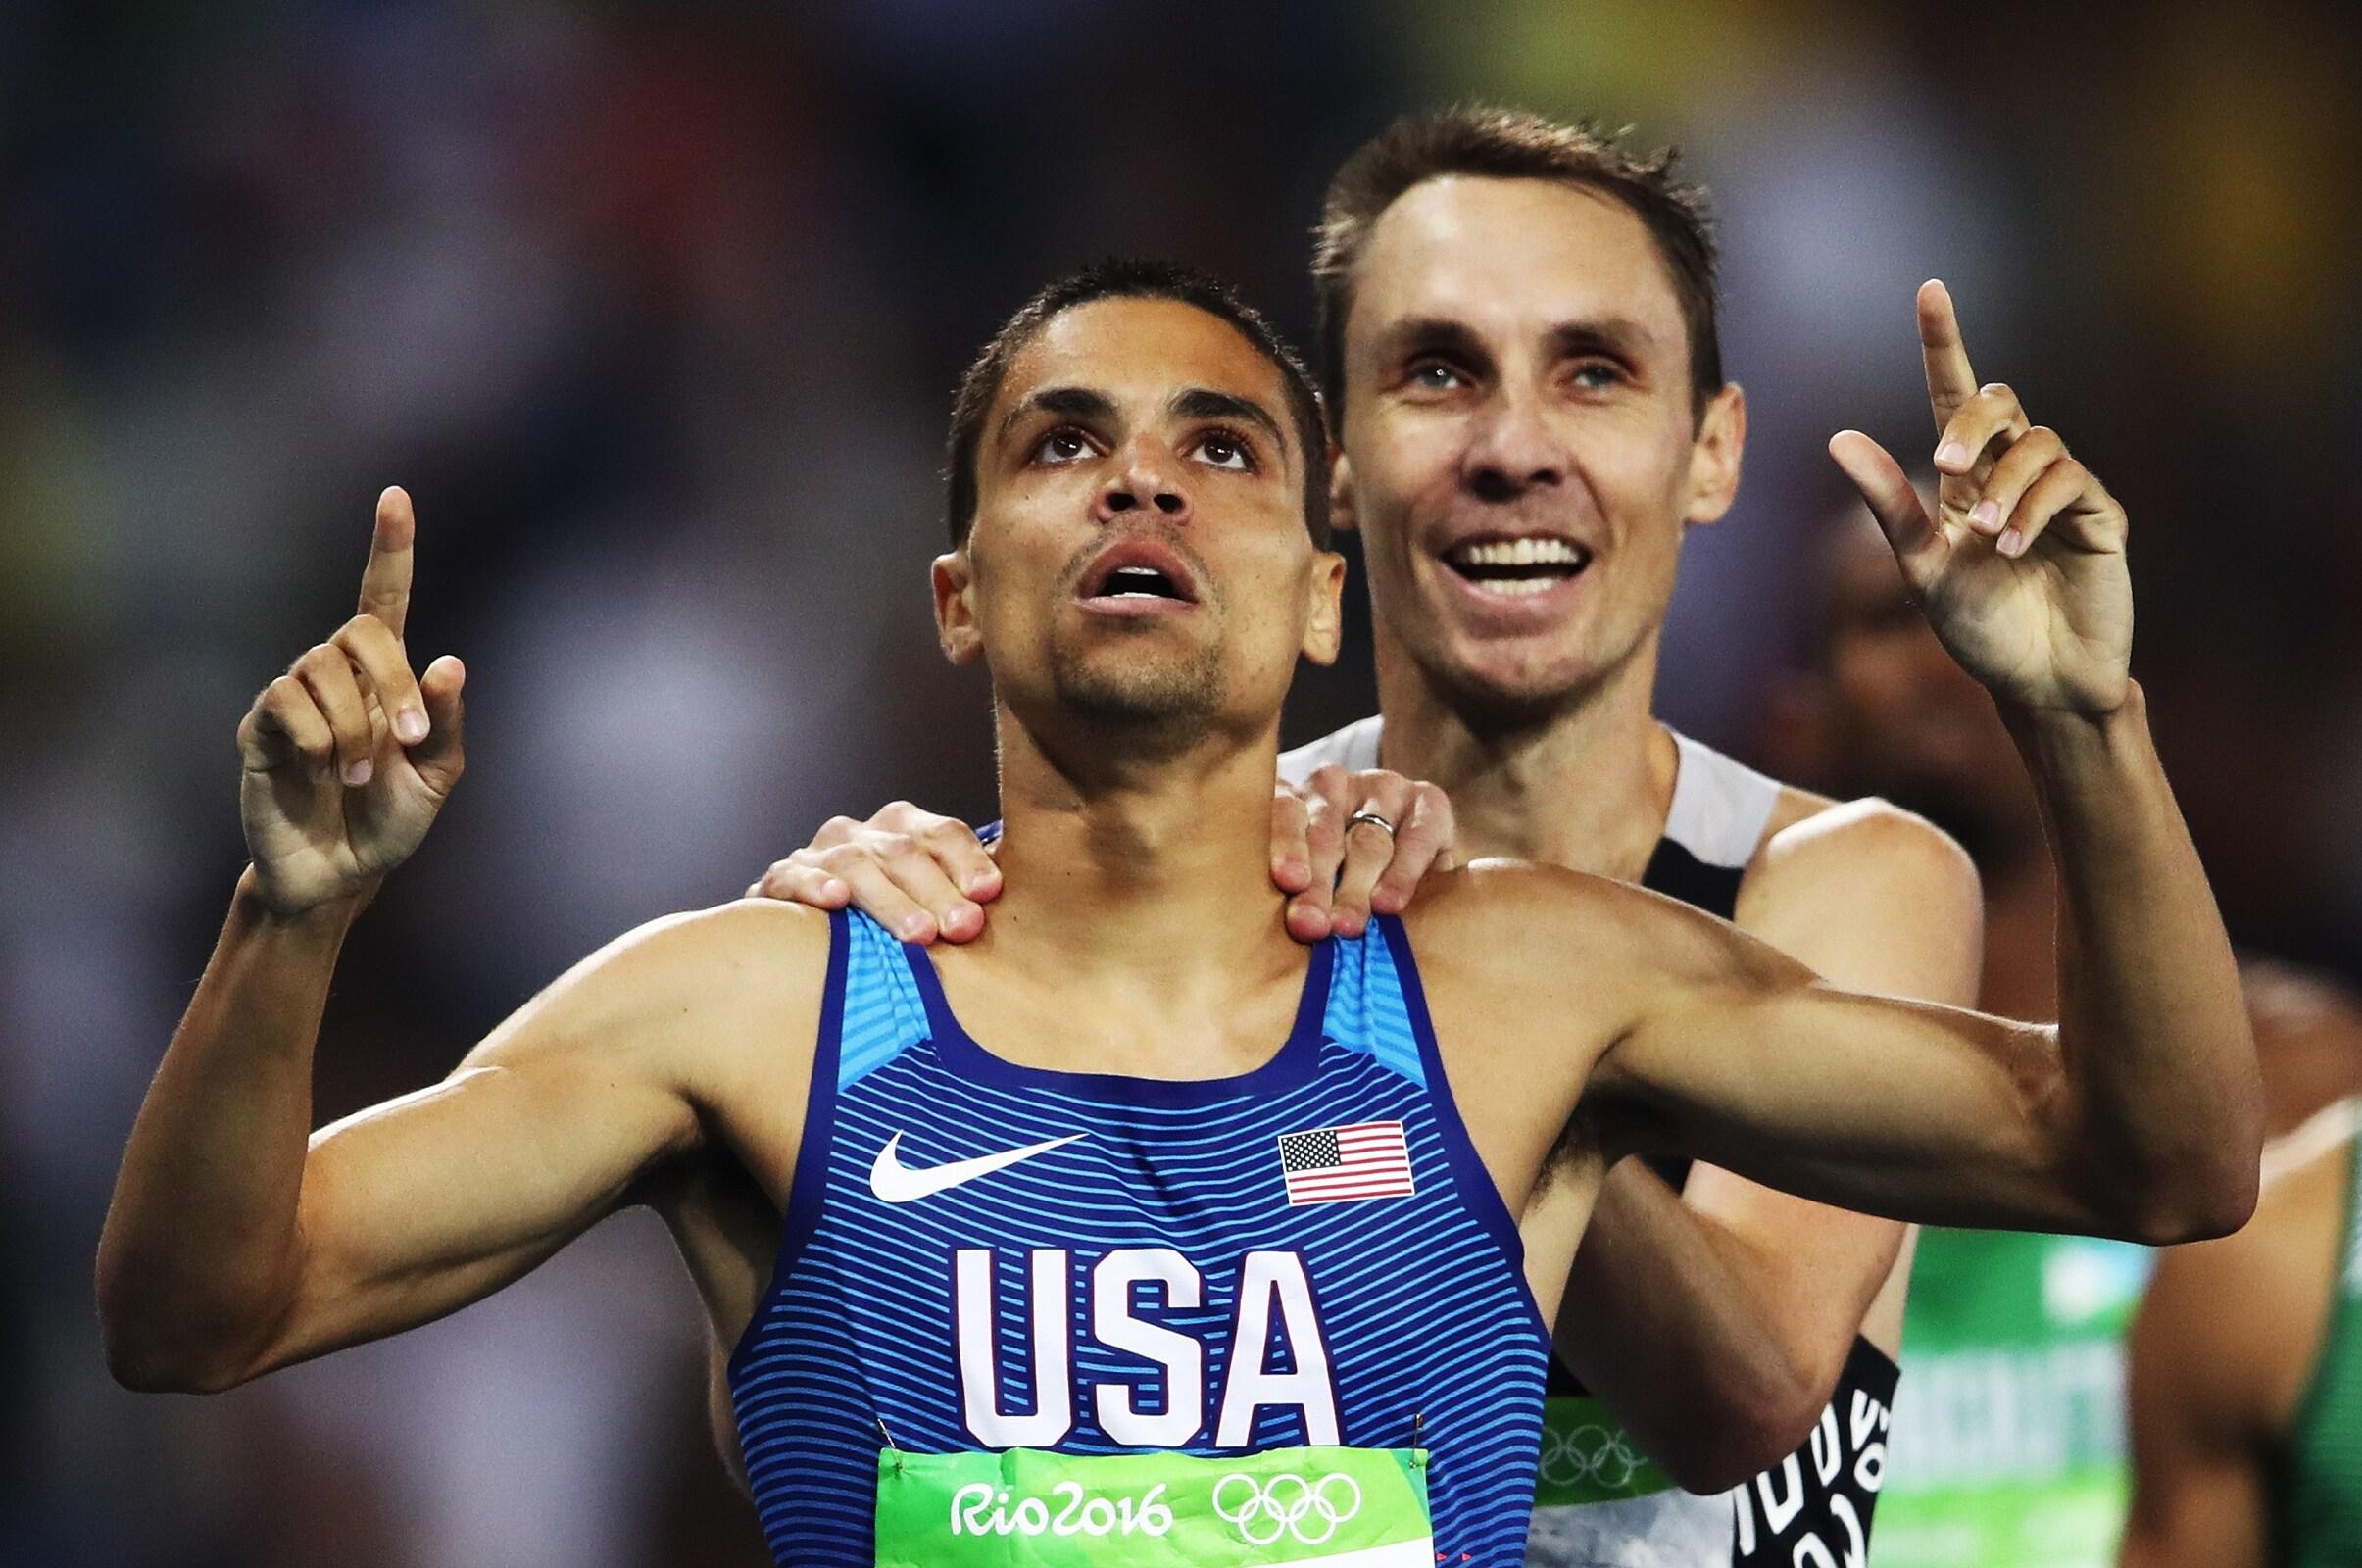 Athletics - Men's 1500m